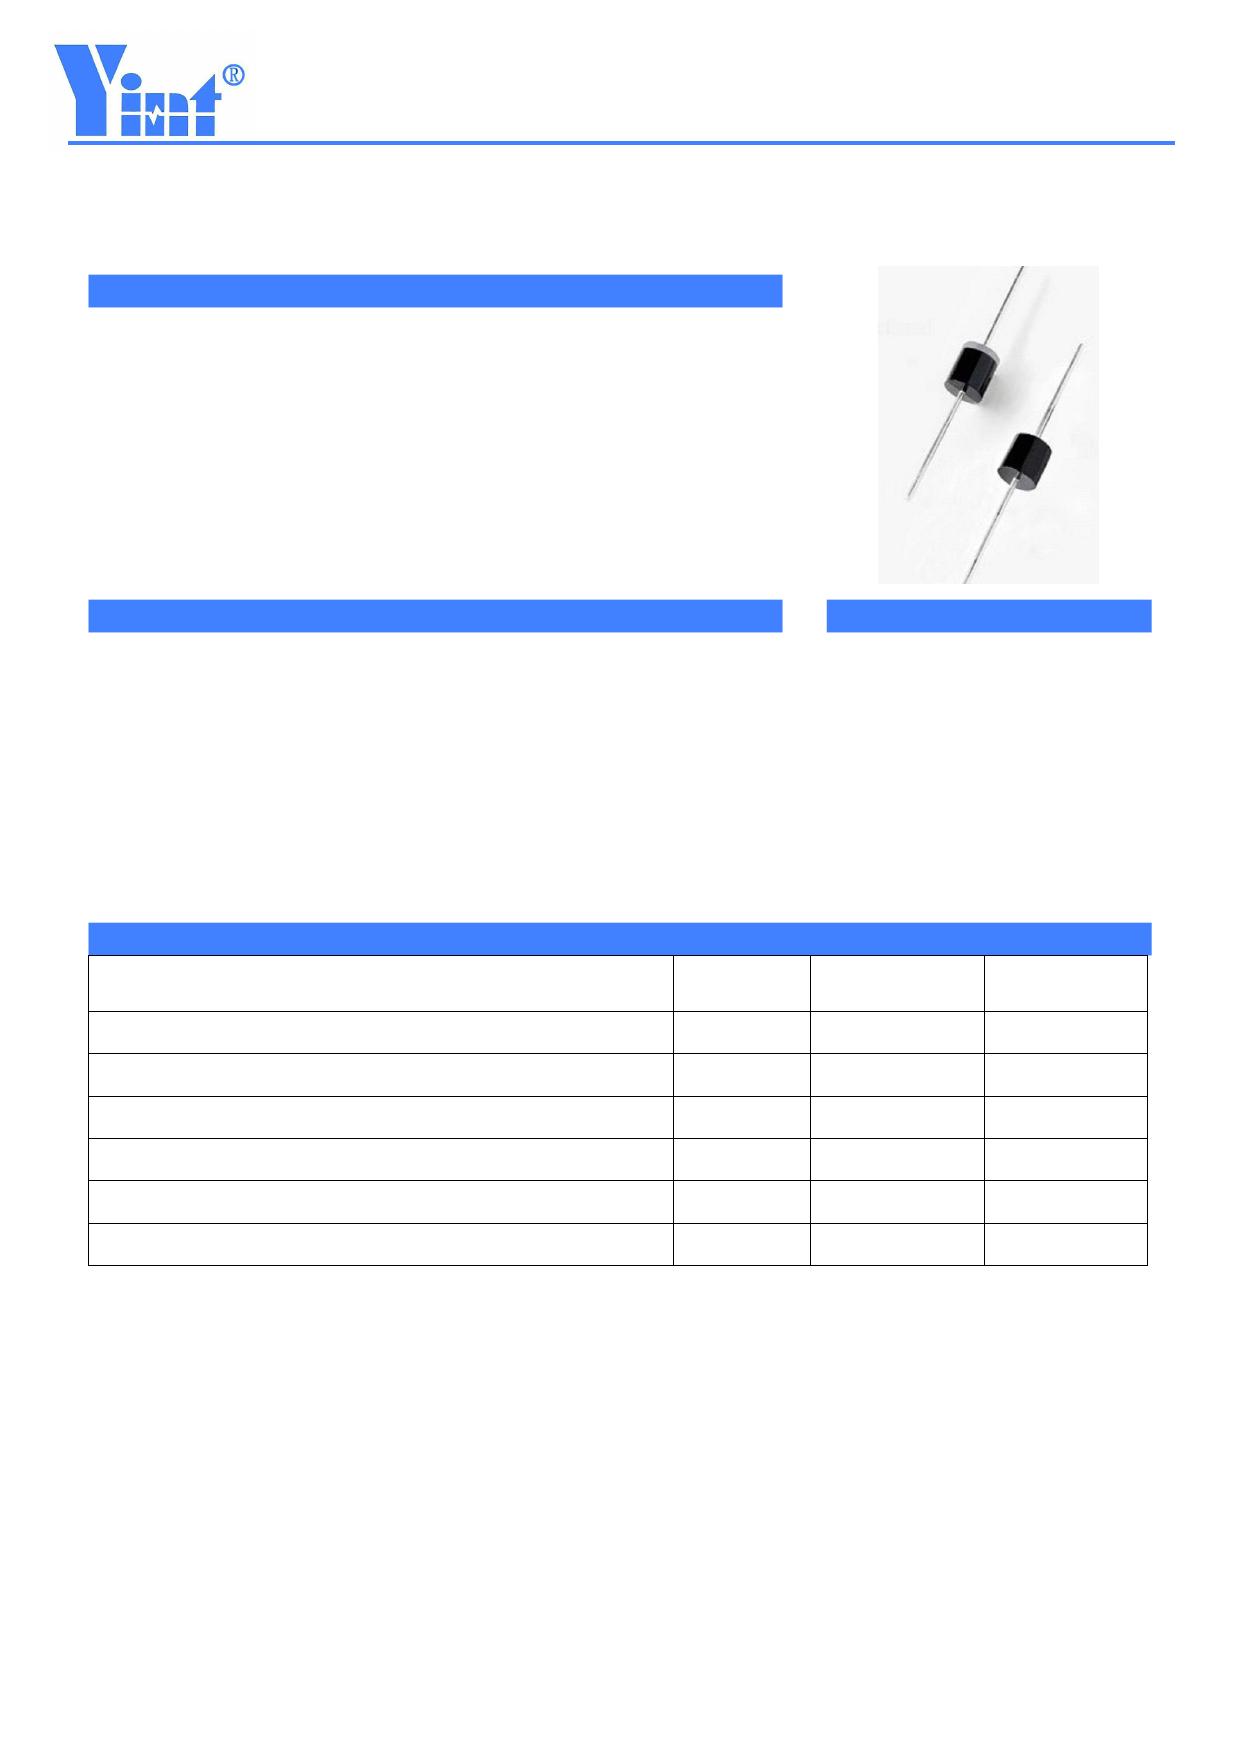 3.0KP160A даташит PDF